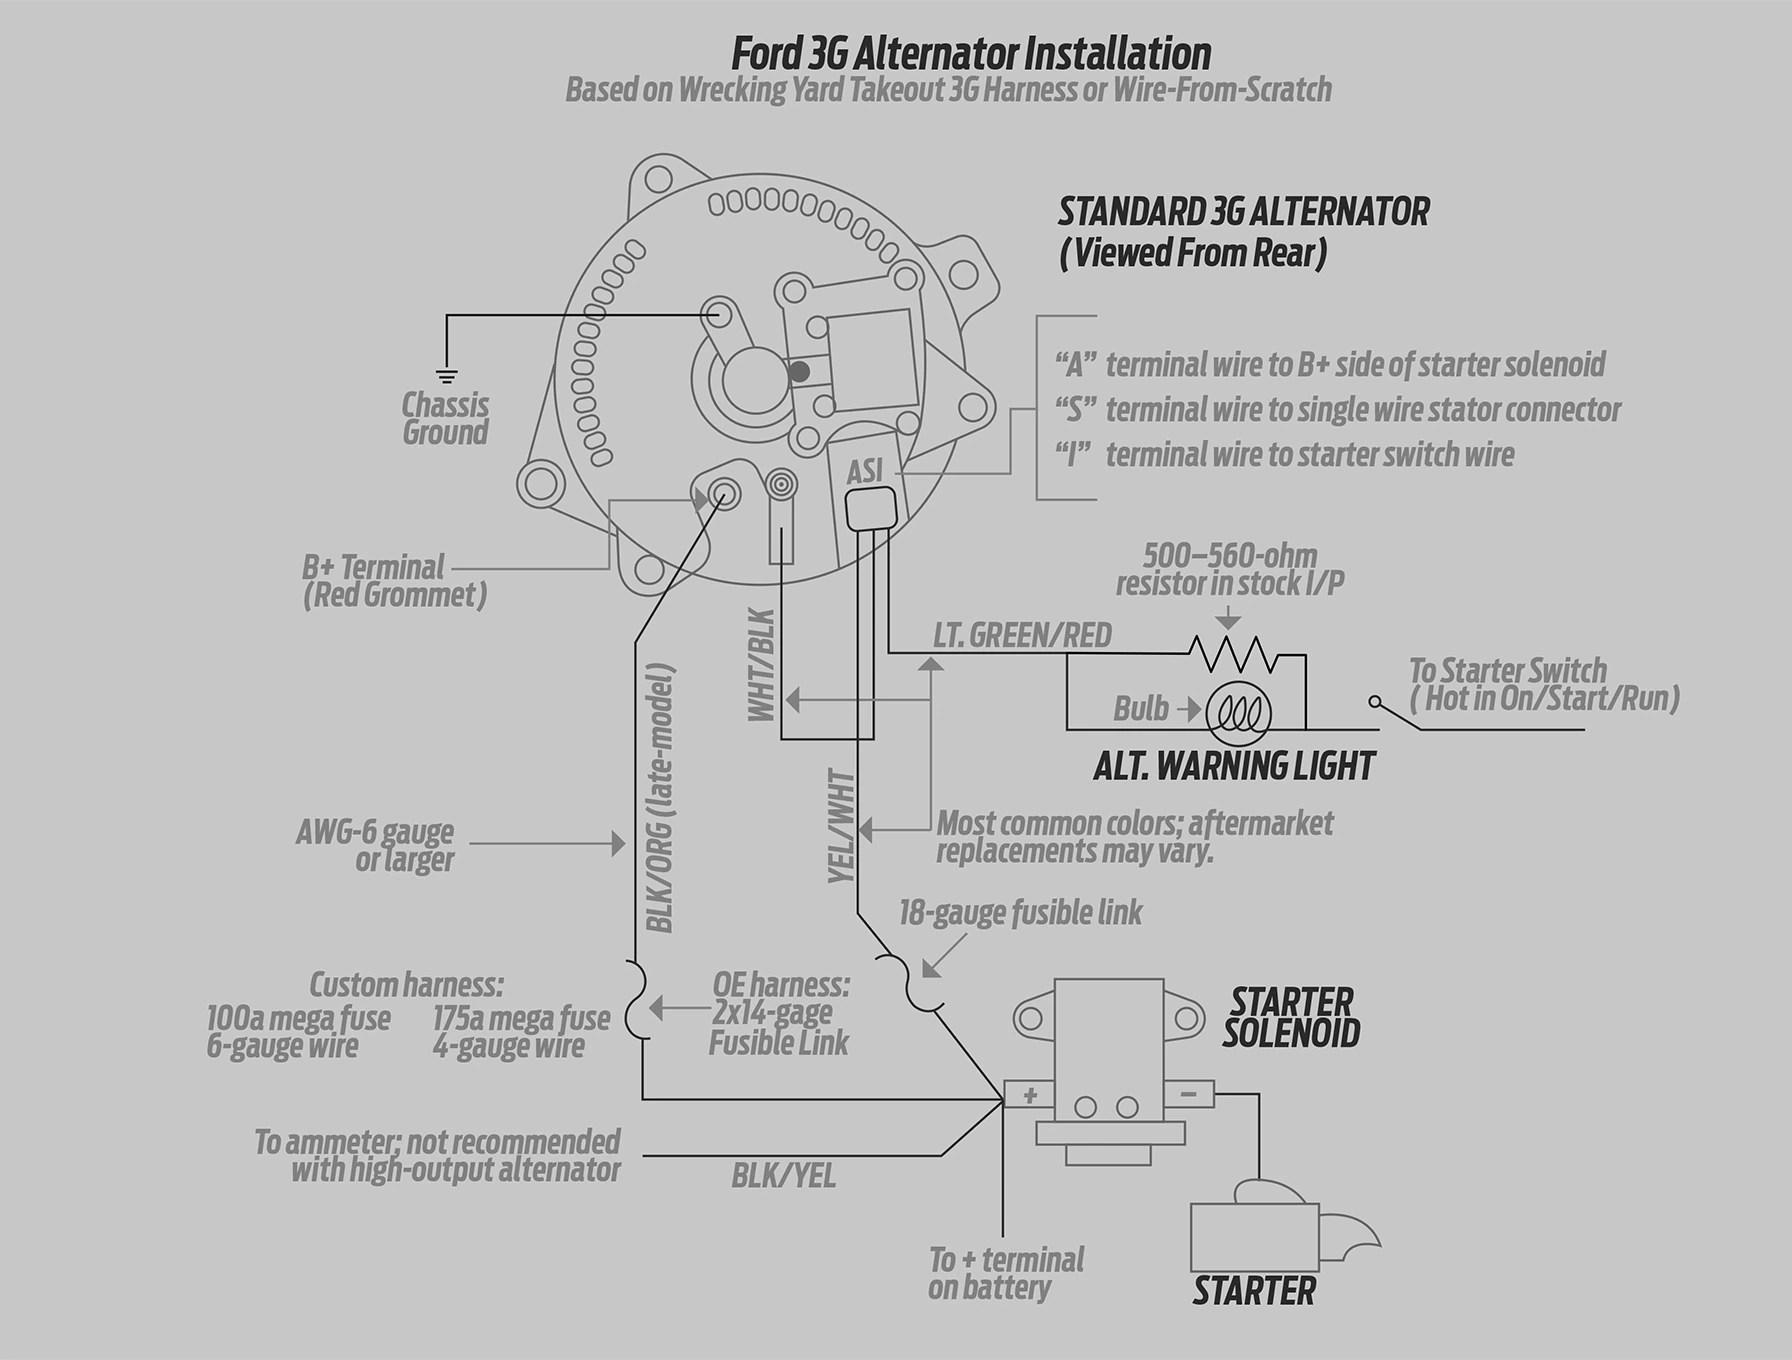 medium resolution of ford 3g alternator wiring harness wiring diagram toolboxford 3g alternator wiring wiring diagram details ford 3g